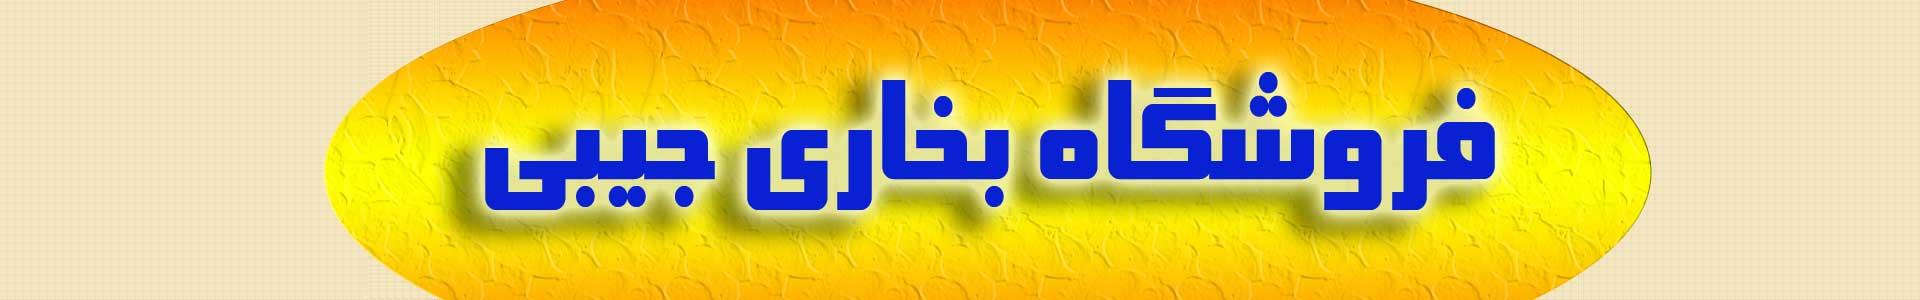 خرید بخاری جیبی اصل برای فصل سرمای زمستان 96 فقط 39000 تومان